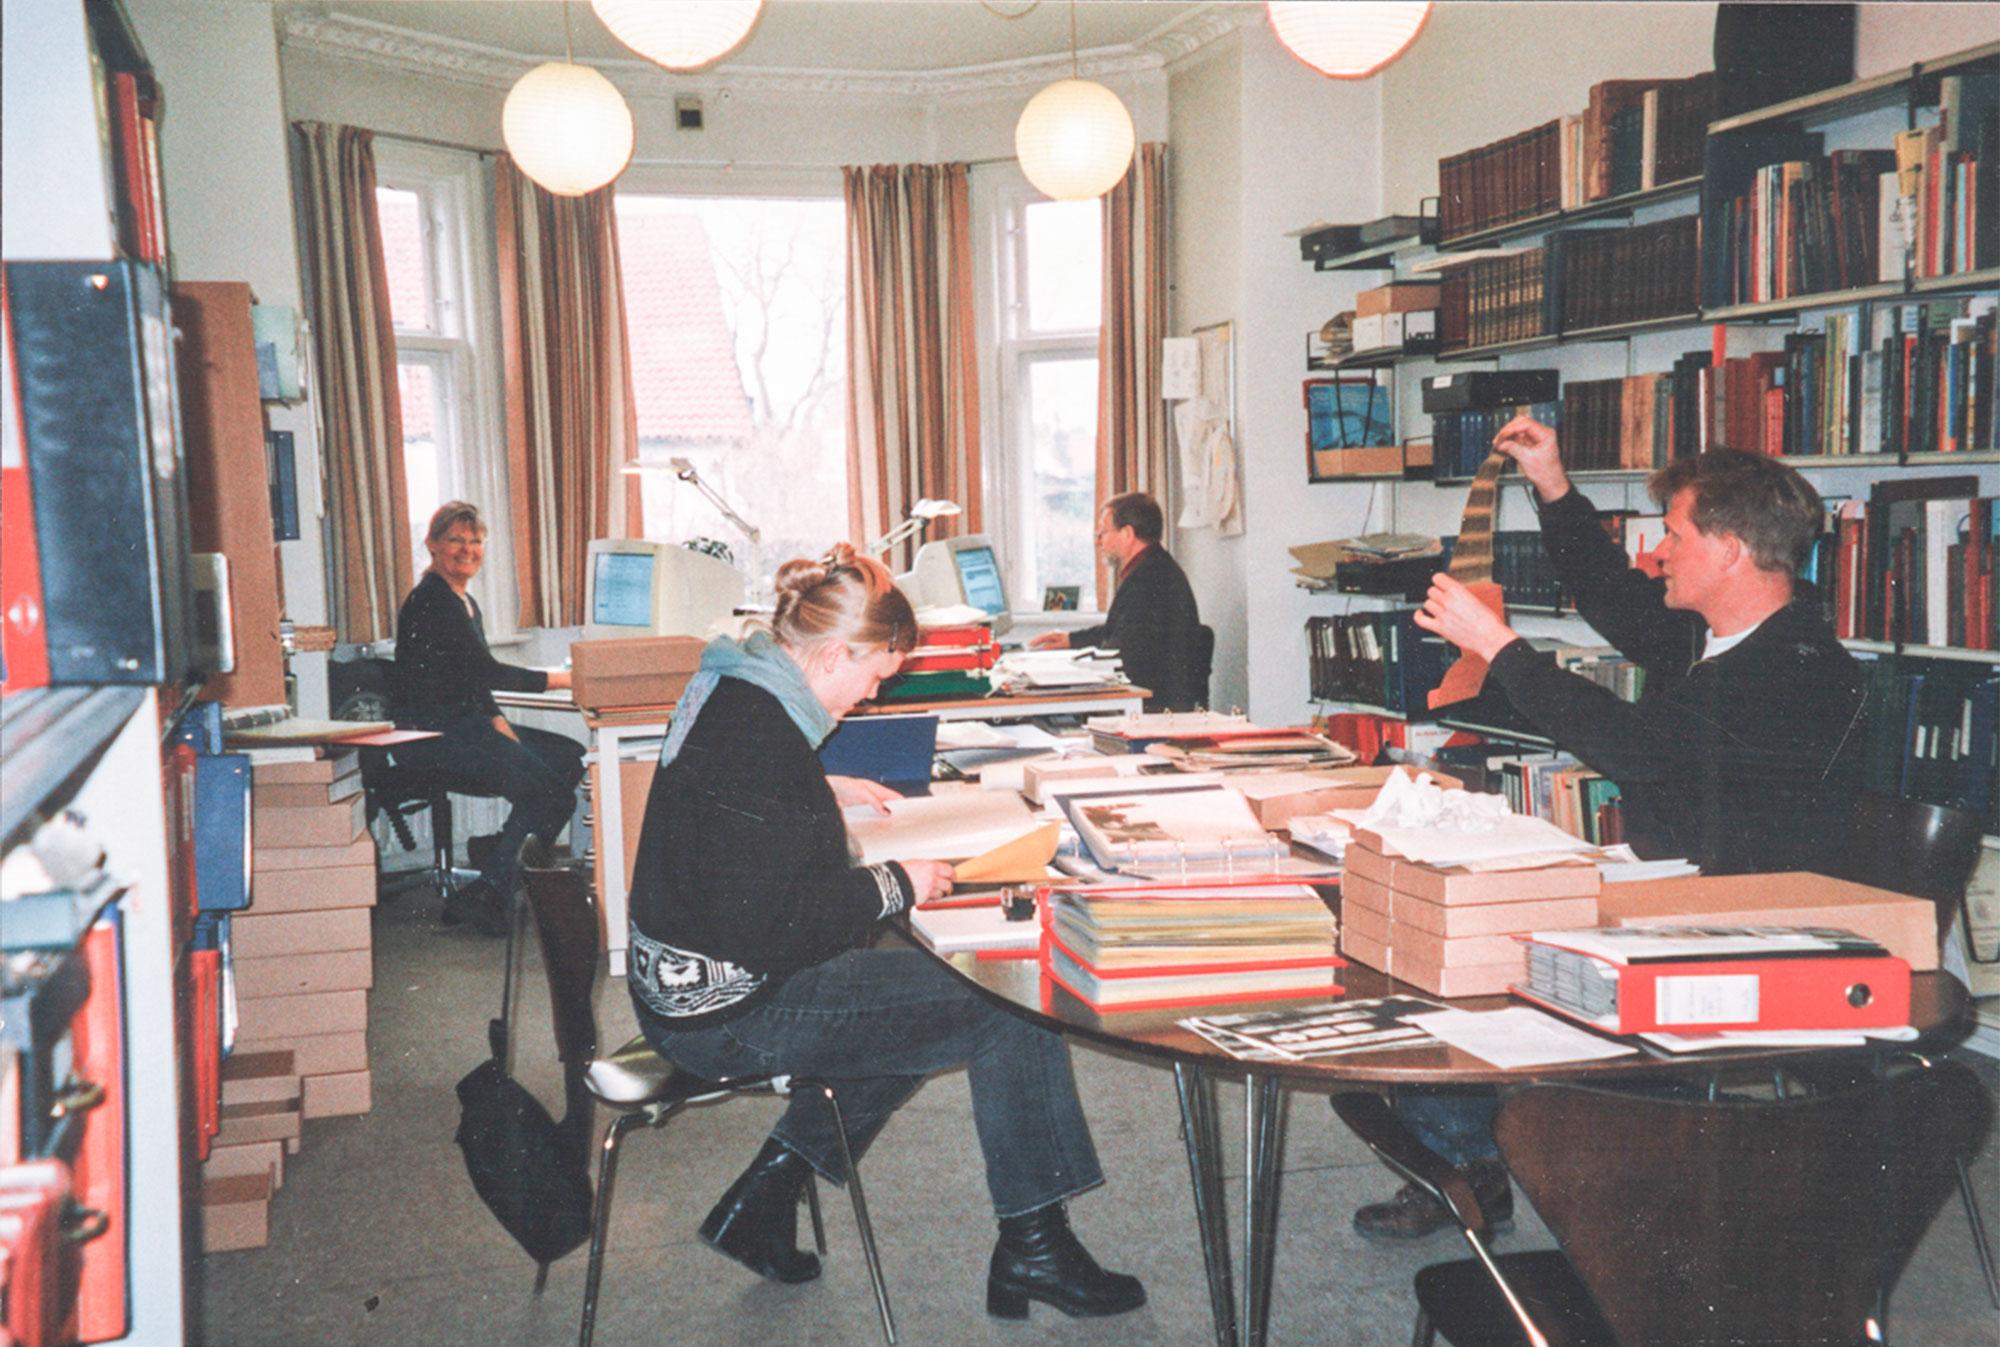 Ved skrivebordet i ses Mette Maltesen (til venstre) og Jørgen D. Petersen. Billedet er fra marts 2001 – kort tid før arkivet flyttede til dets nuværende lokaler i det gamle rådhus. Foto: Historisk Arkiv Dragør.